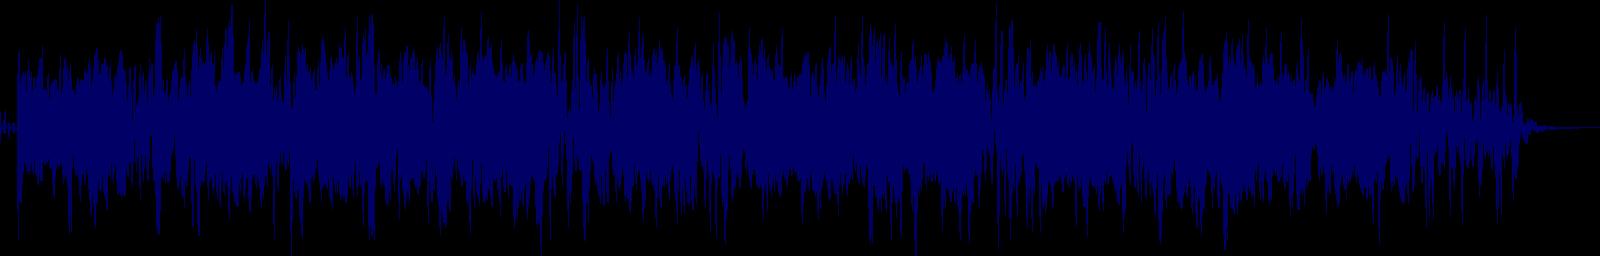 waveform of track #154302